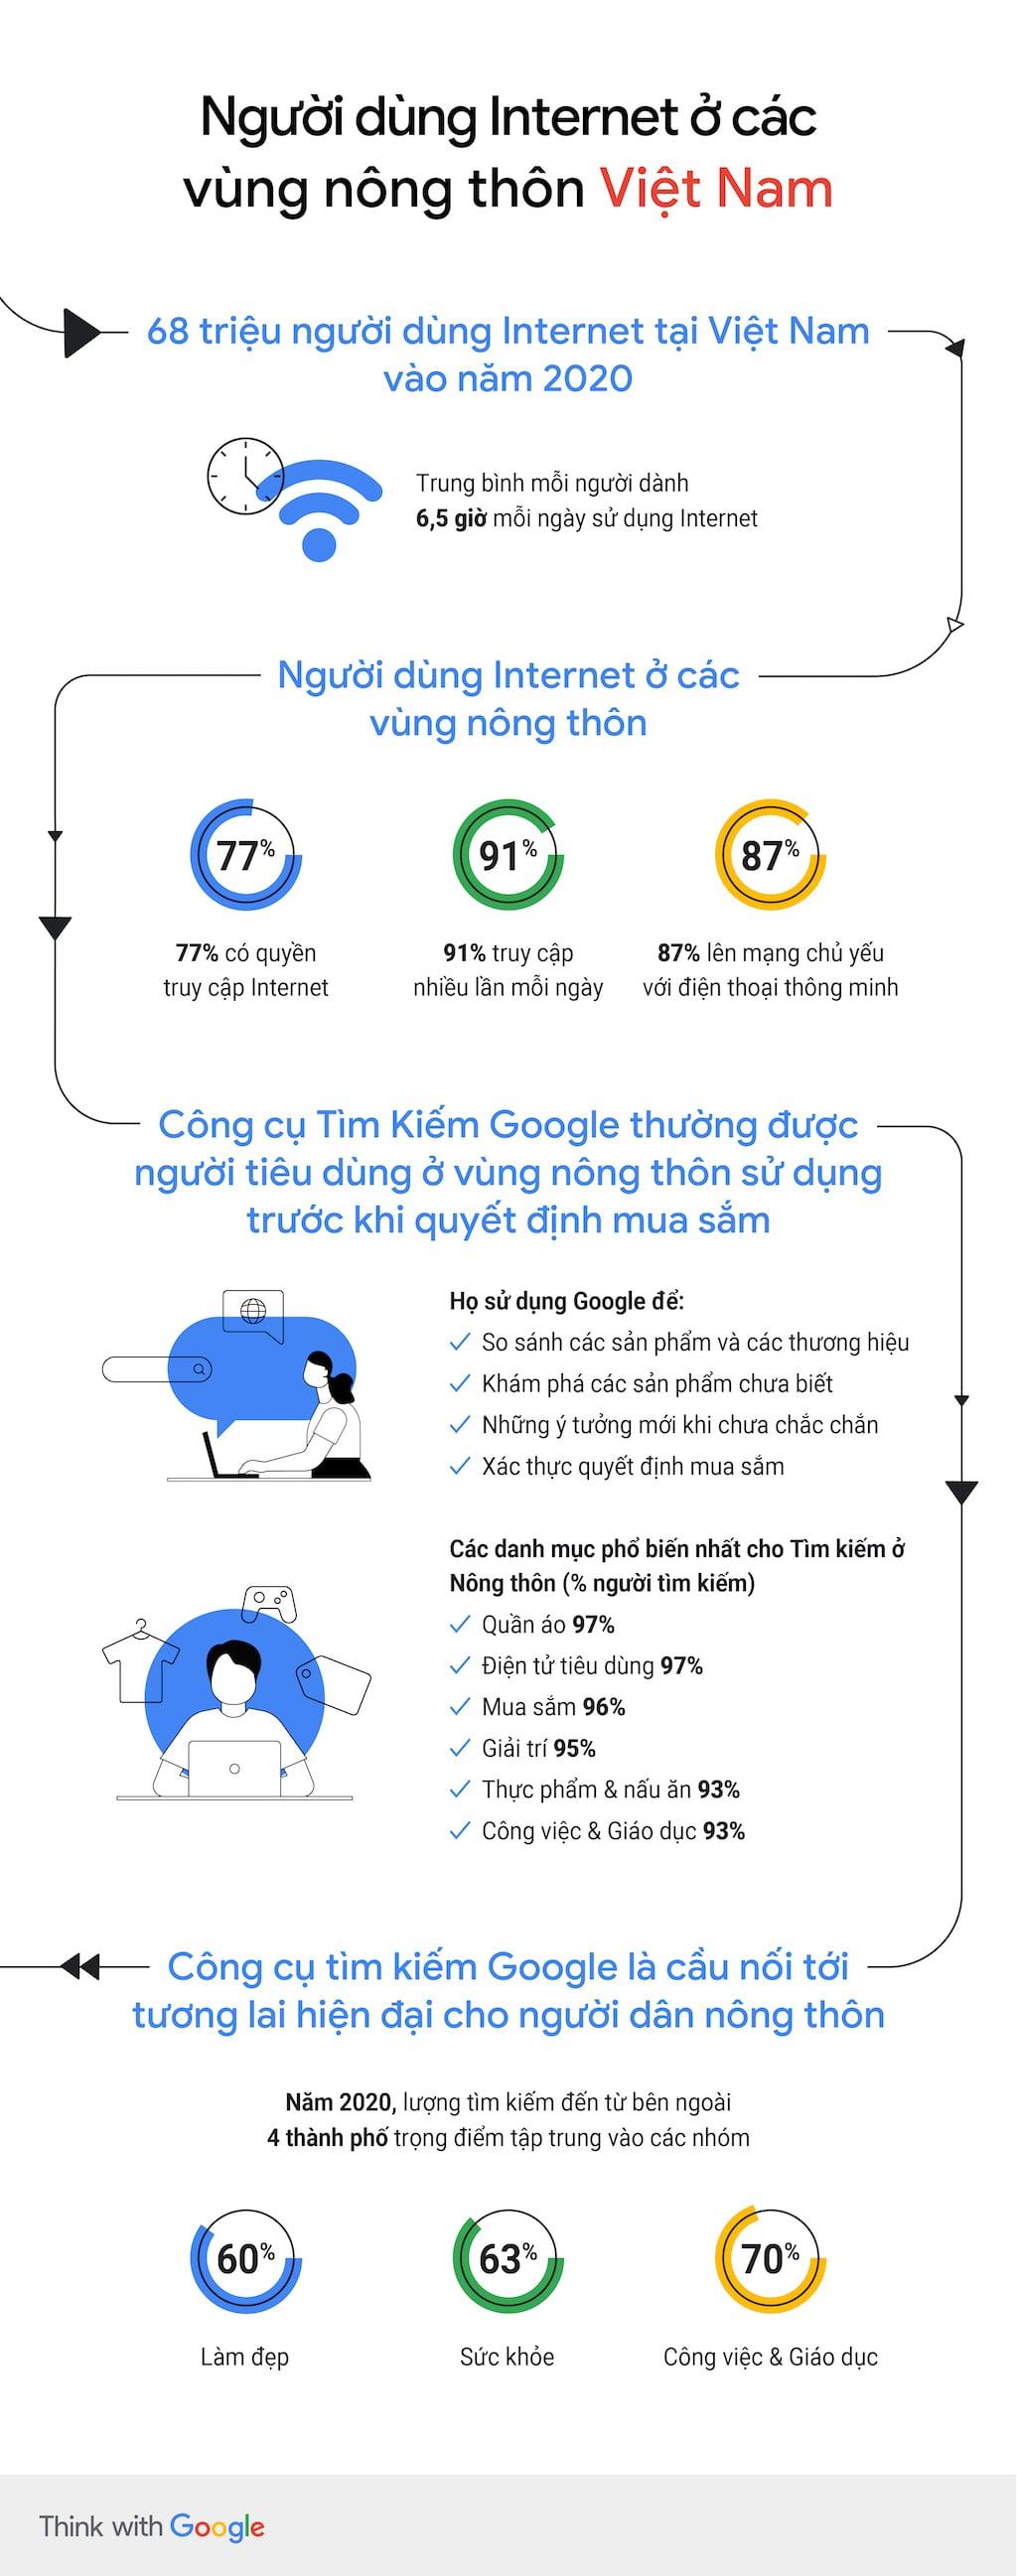 Infographic báo cáo 'Việt Nam: Tìm kiếm cho Ngày mai' 2020 từ Google